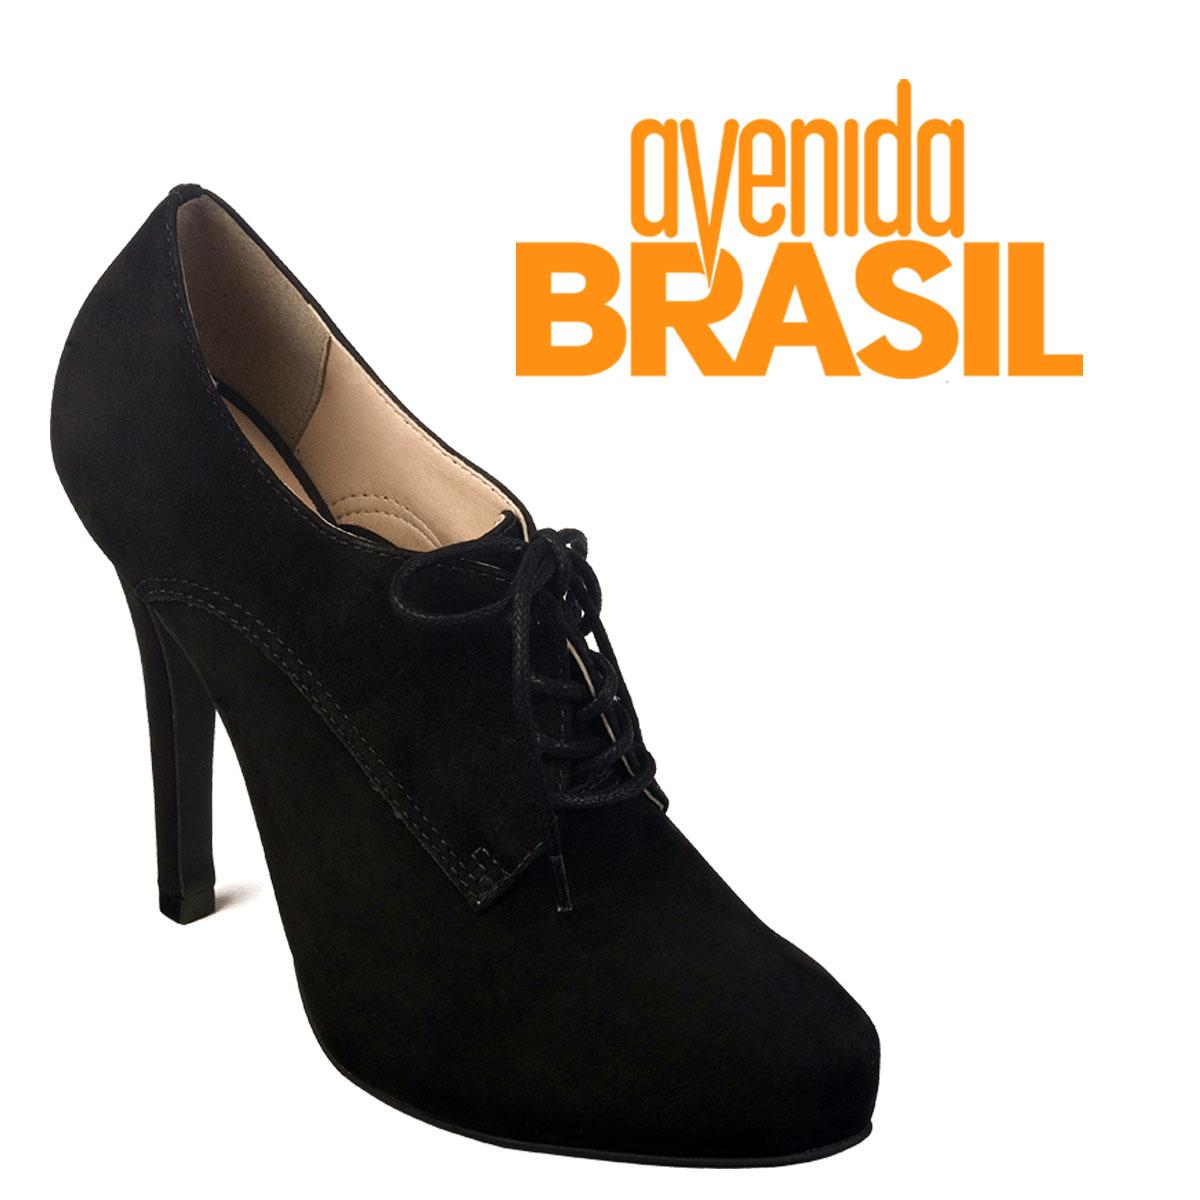 ca9bbde0e Bottero lança coleção Avenida Brasil